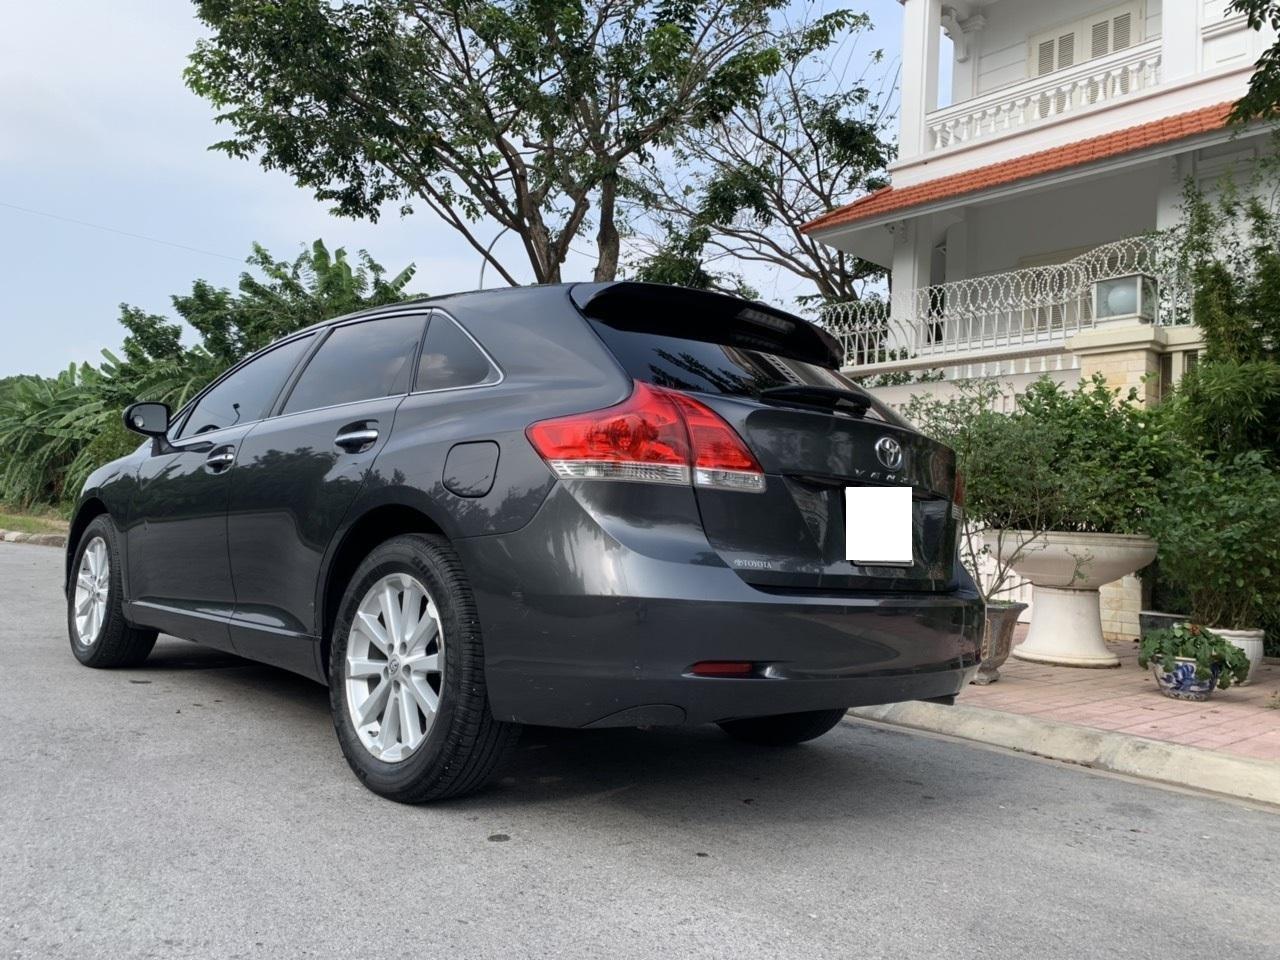 Bán Toyota Venza 2.7 màu xám sản xuất 12/2009, đăng ký biển Hà Nội (6)